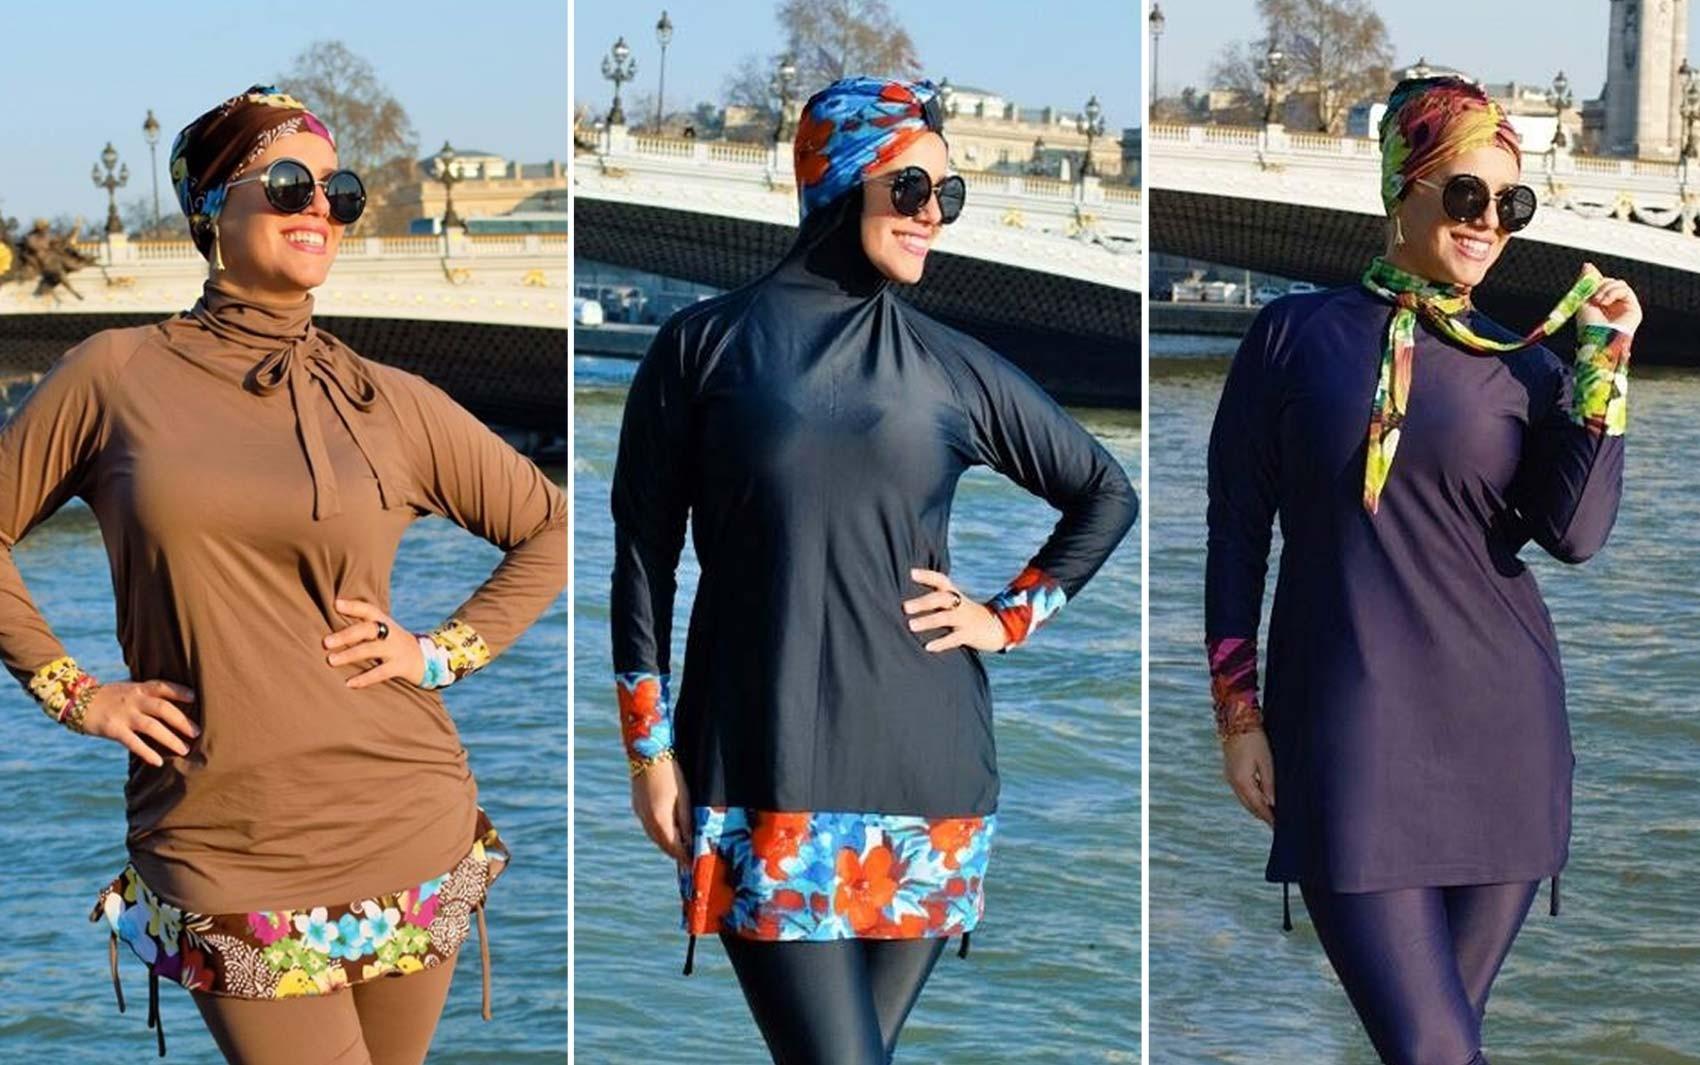 Modelos de burqunis feitos por brasileira na Frana variam de 84 euros a 125 euros cerca de R 304 a R 453 Foto Divulgao Madamme BK